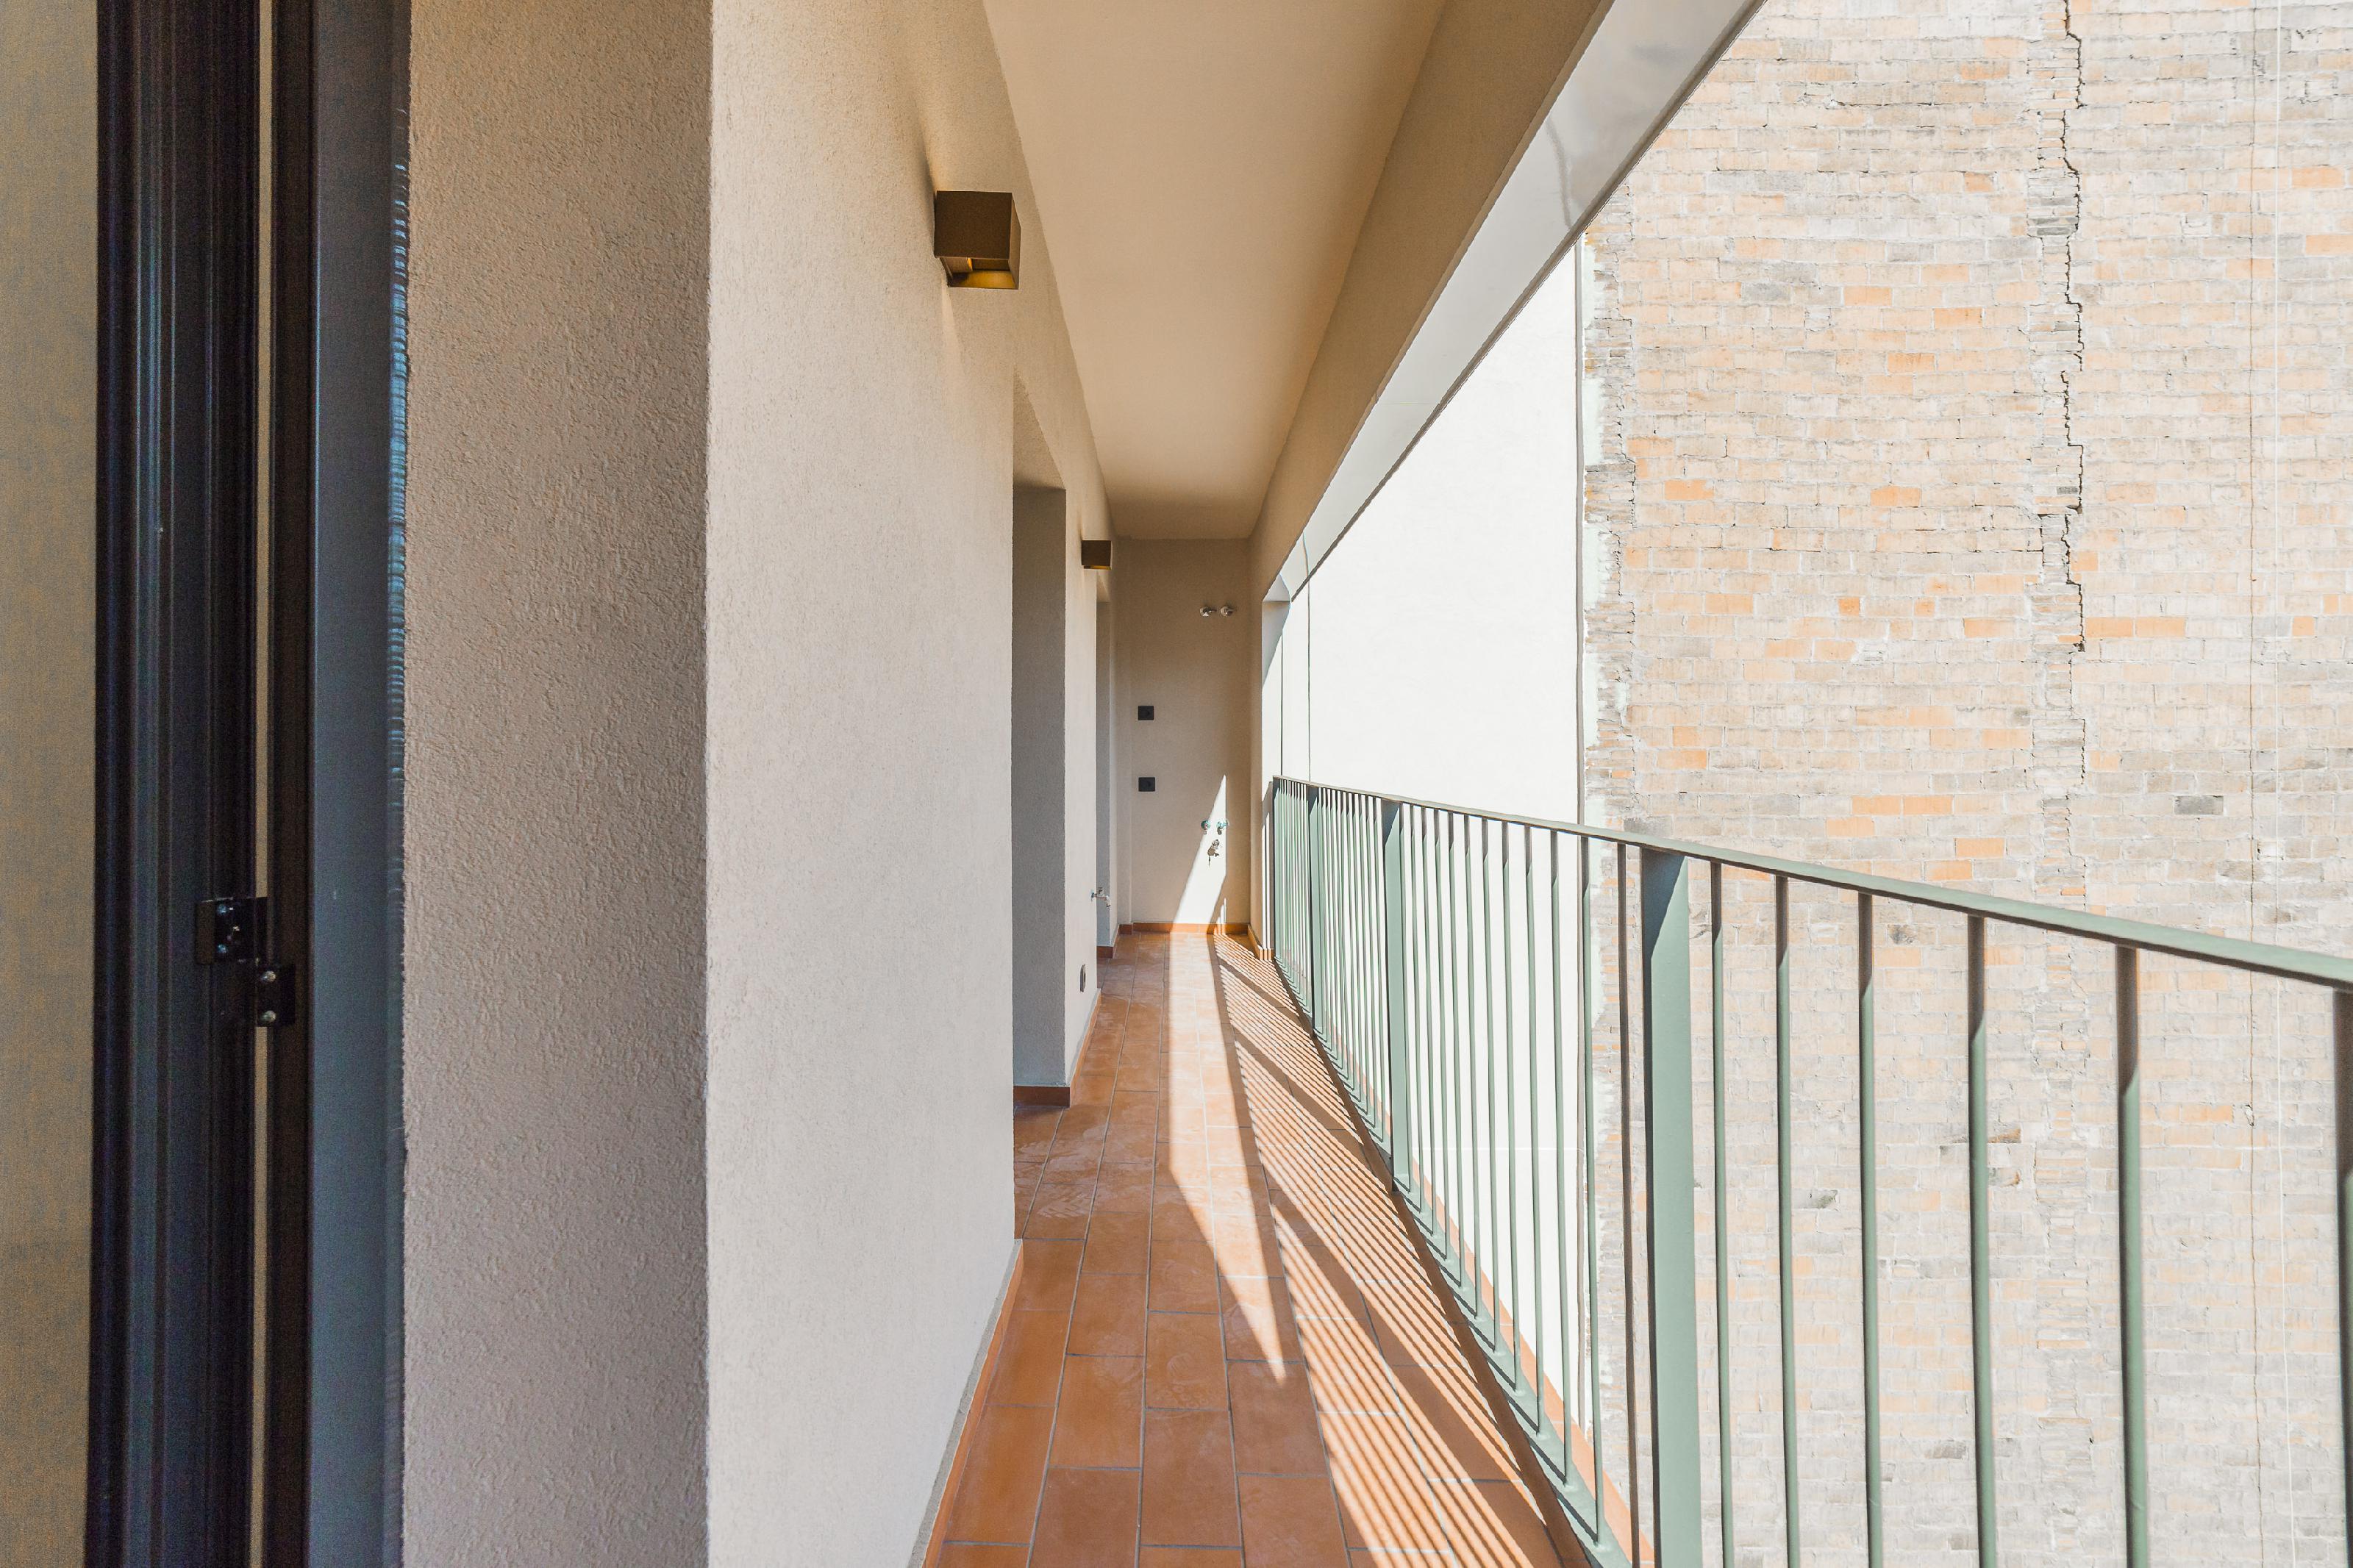 251949 Apartment for sale in Eixample, Antiga Esquerre Eixample 5